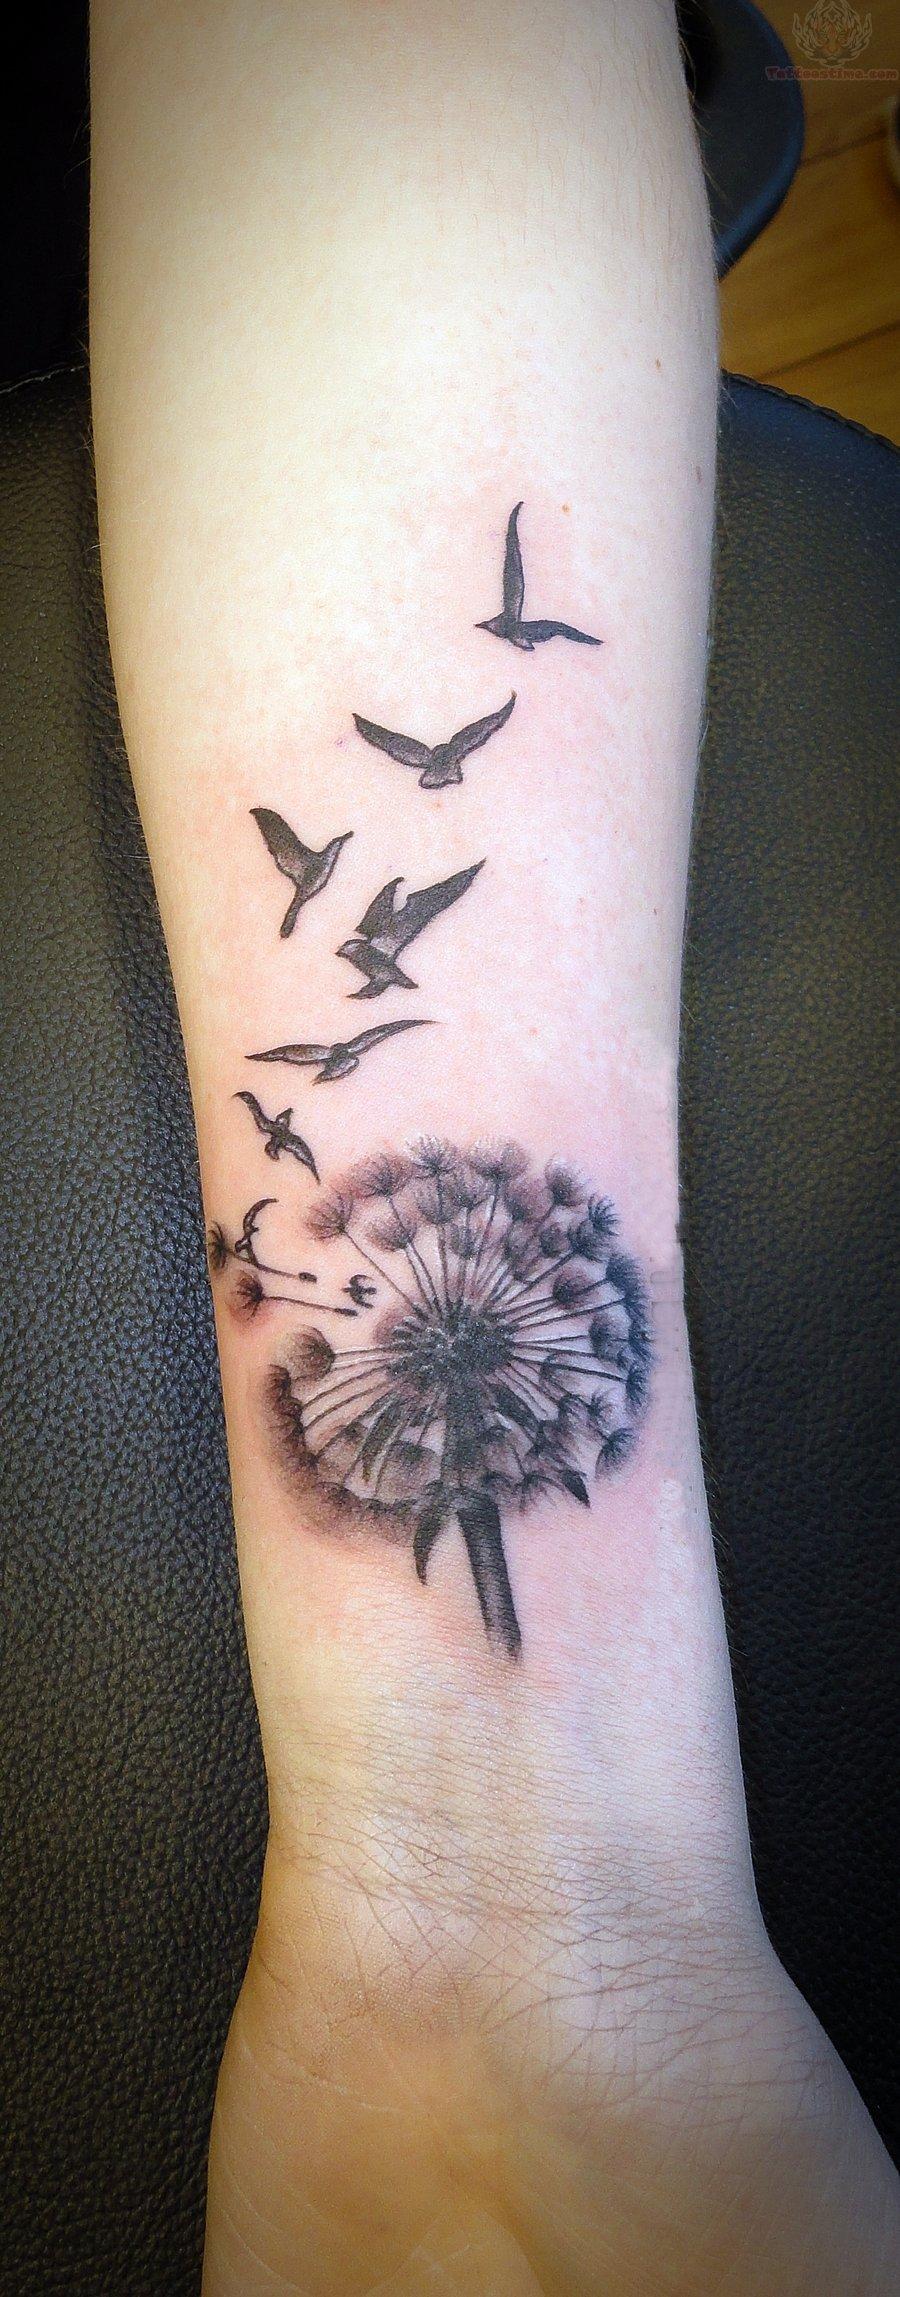 Angel Tattoo Designs uk Angel Tattoo Designs For Wrist